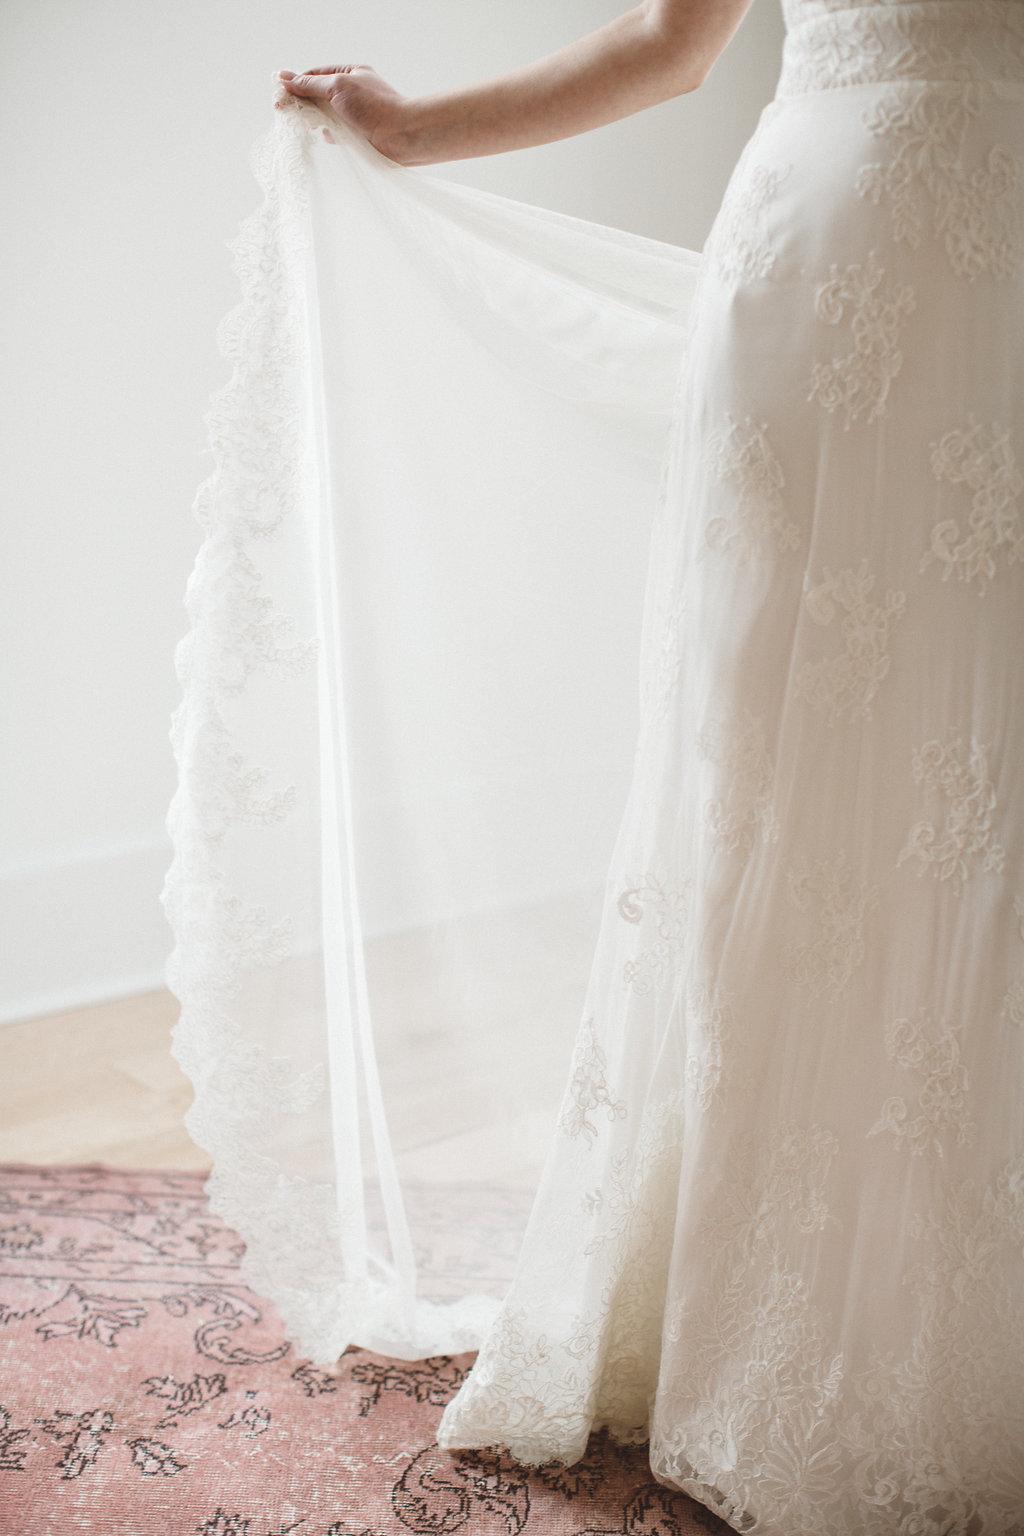 Everthine-Bridal-Ashley-Largesse-63.jpg